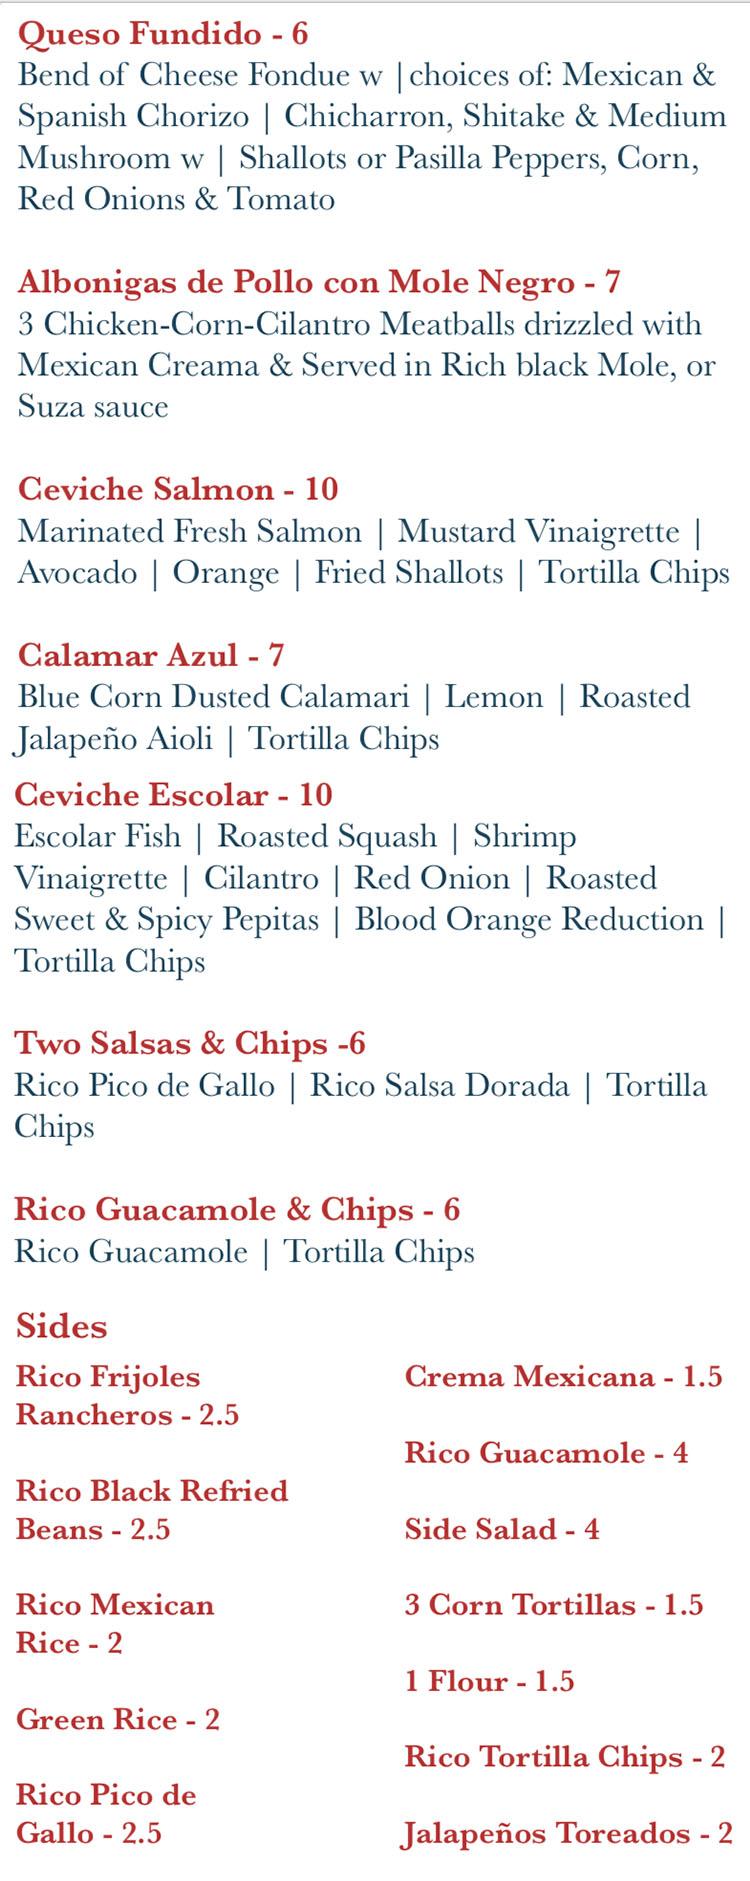 Rico Cocina Y Tequila Bar menu - appertizers, sides